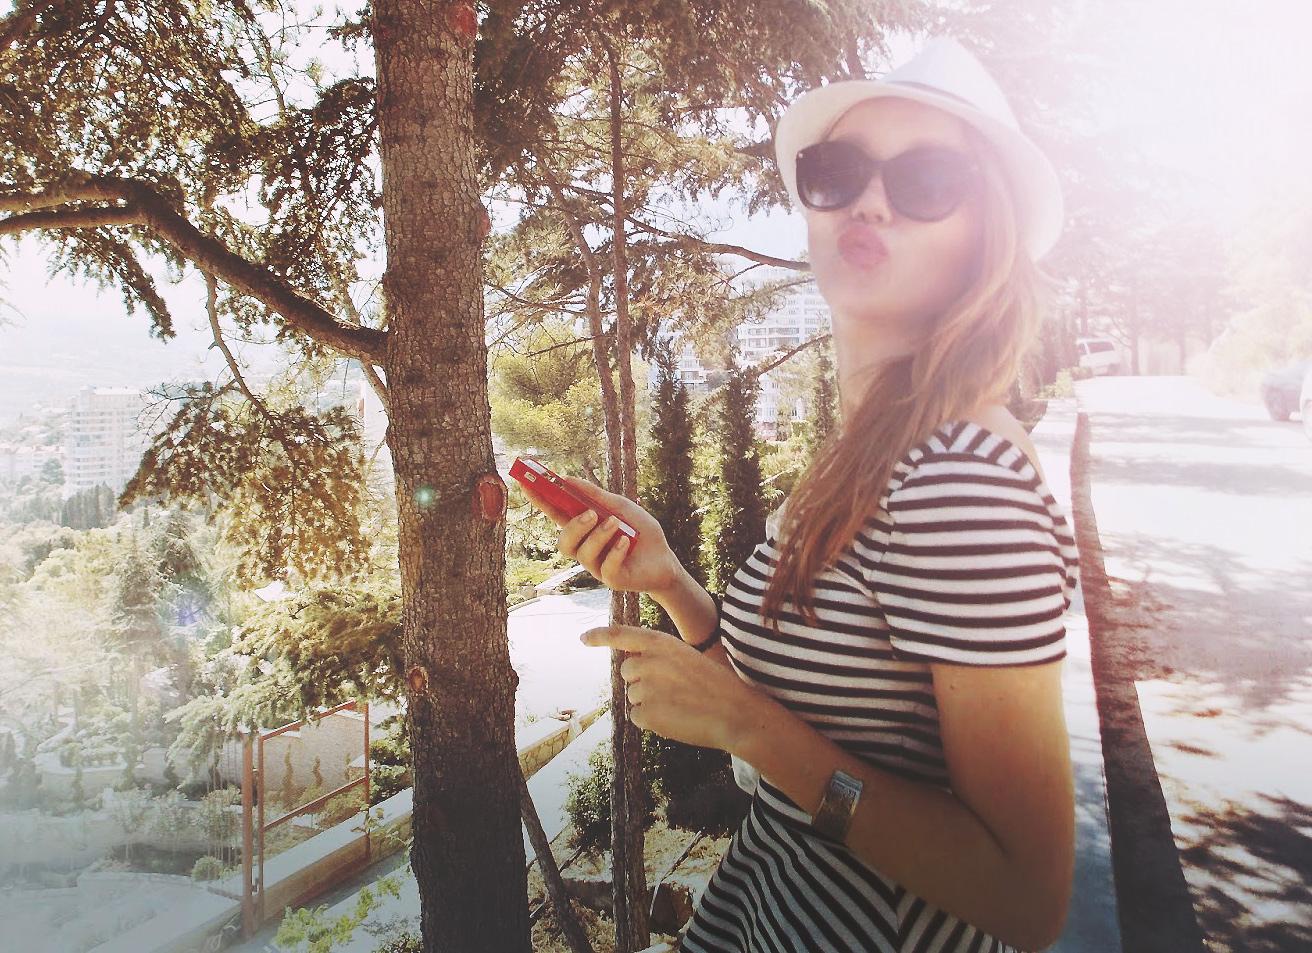 summer outfit, Yalta, crimea, отдых в Крыму, что одеть на отдых, что одеть в отпуск на море, что одеть в отпуск